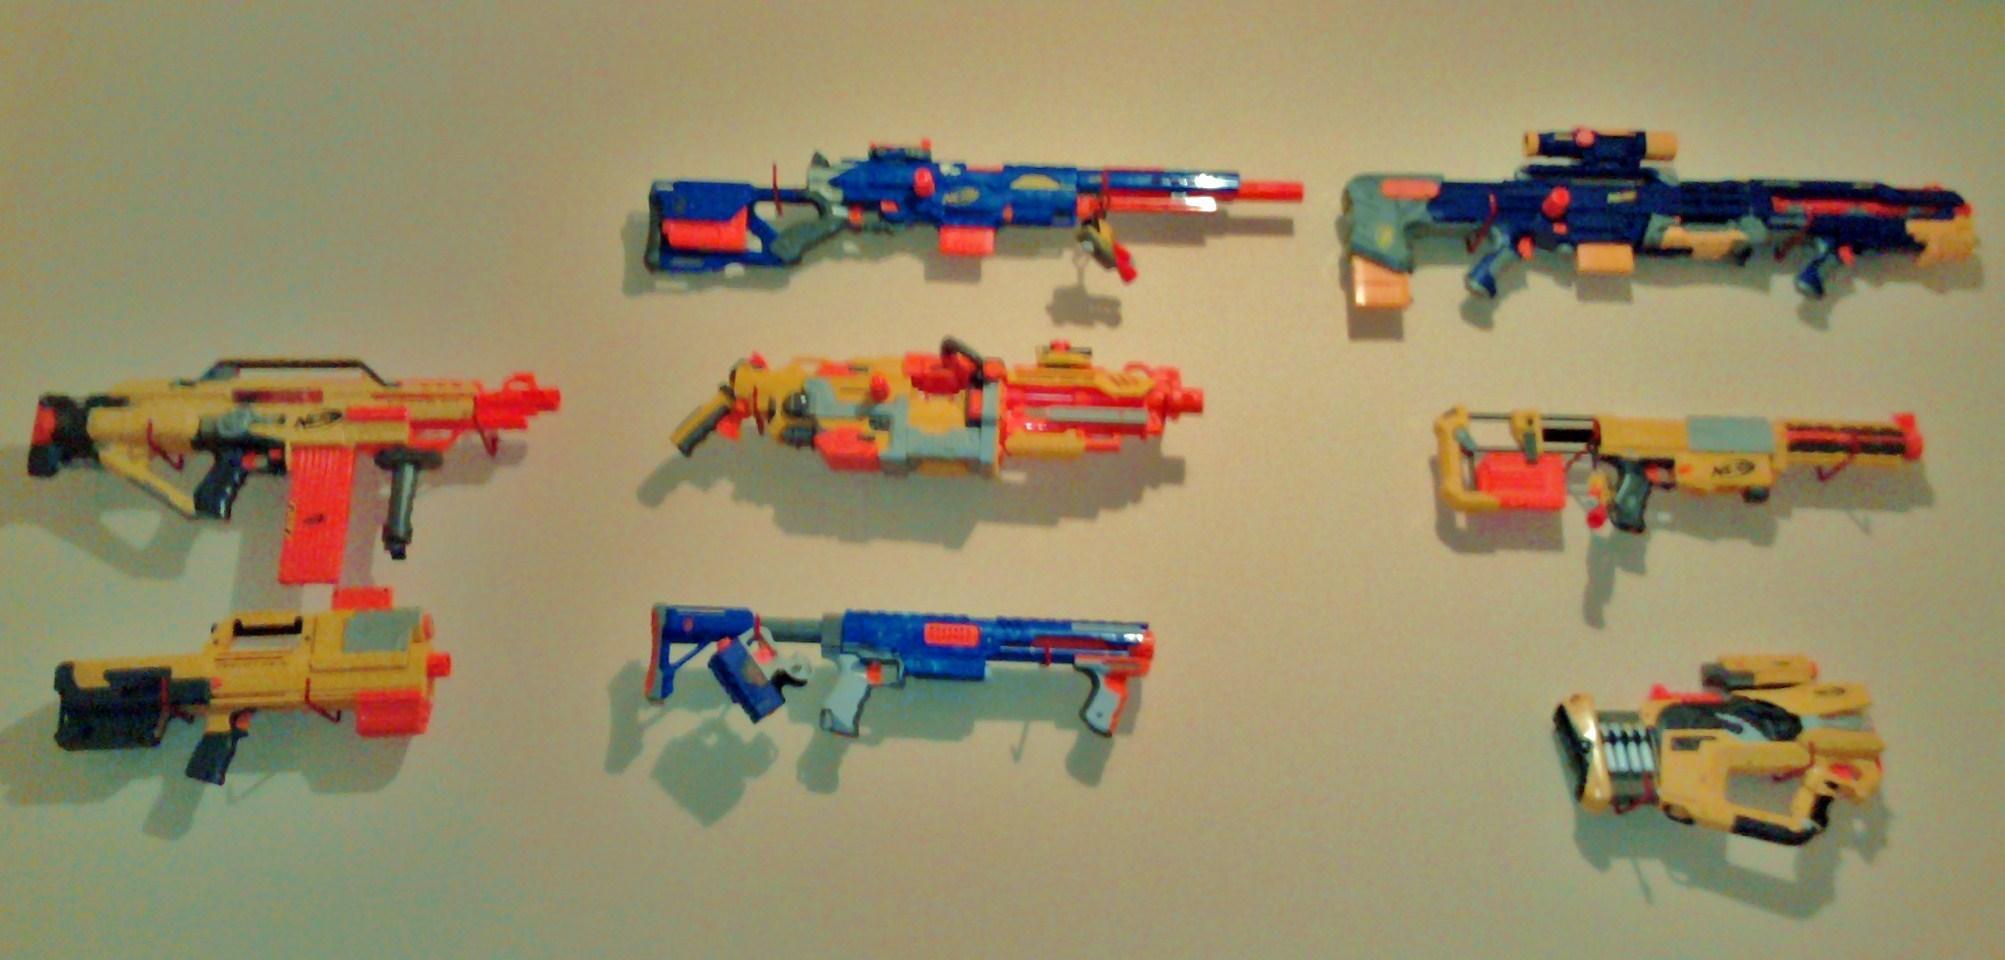 Nerf Gun Arsenal Nerf Guns desiccator s nerf